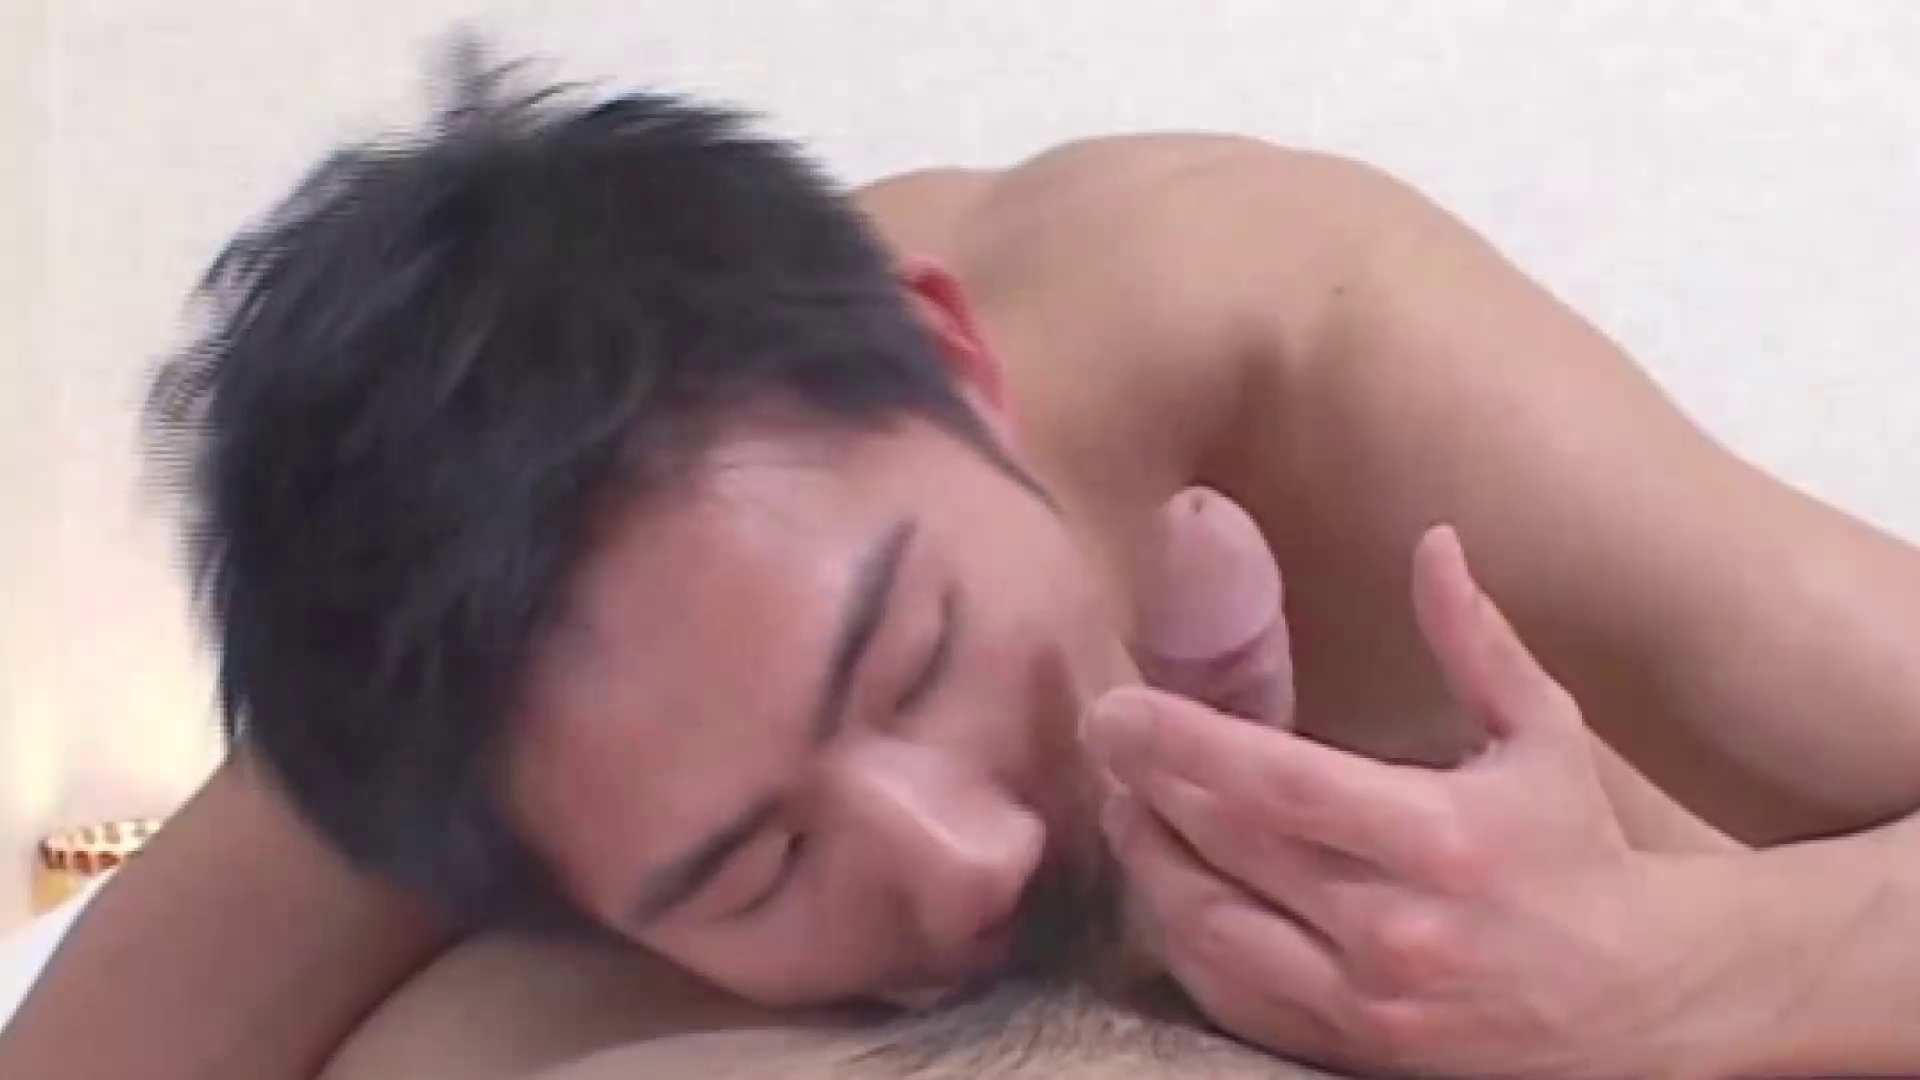 男がフェラされる 男・男 ゲイエロビデオ画像 94pic 52